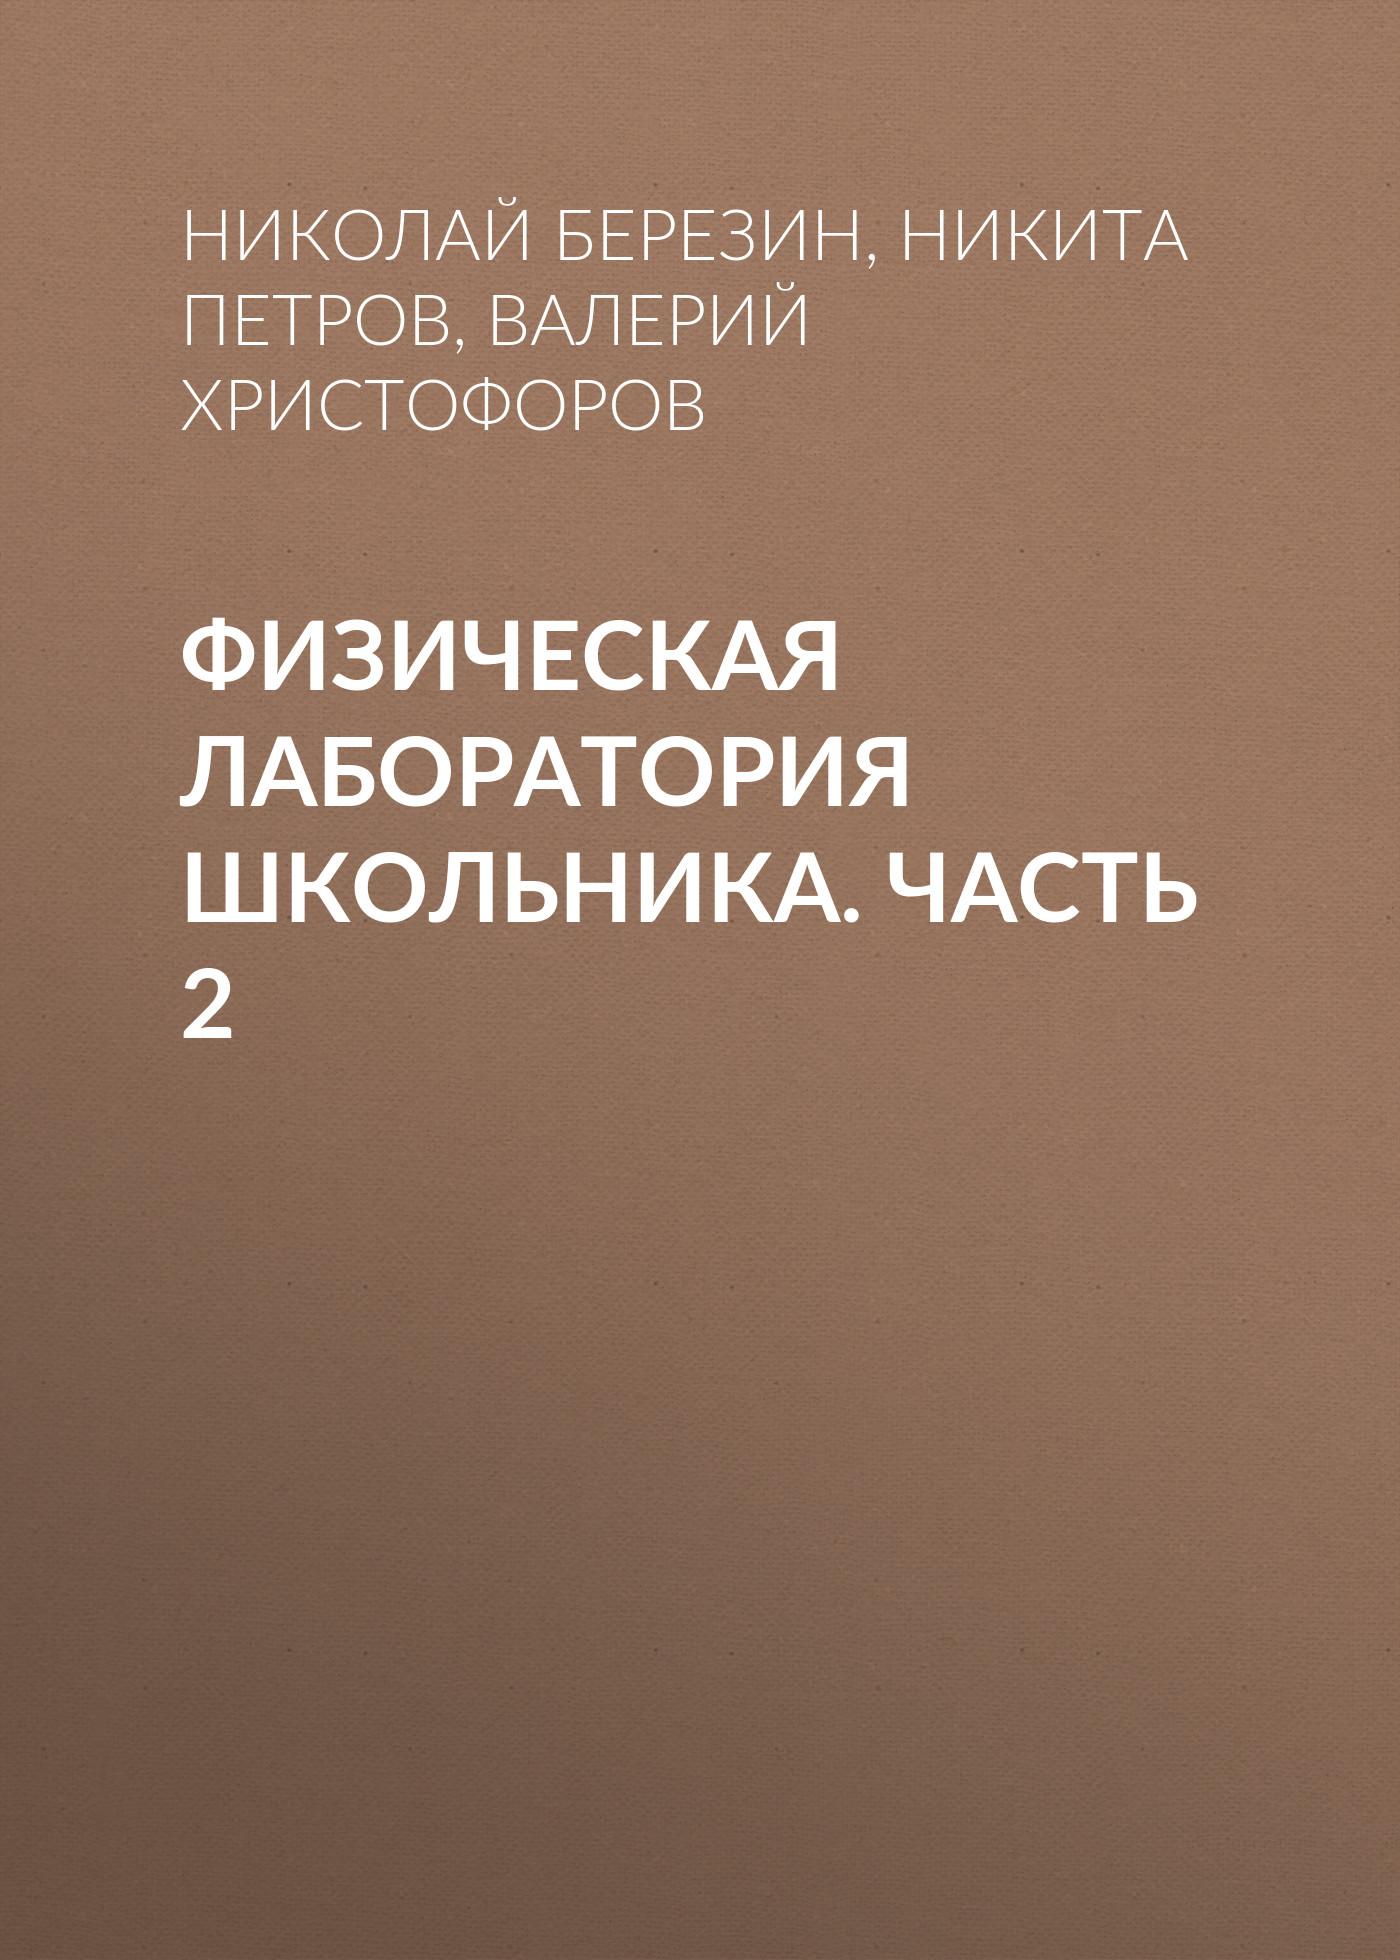 Николай Березин Физическая лаборатория школьника. Часть 2 николай березин физическая лаборатория школьника часть 1